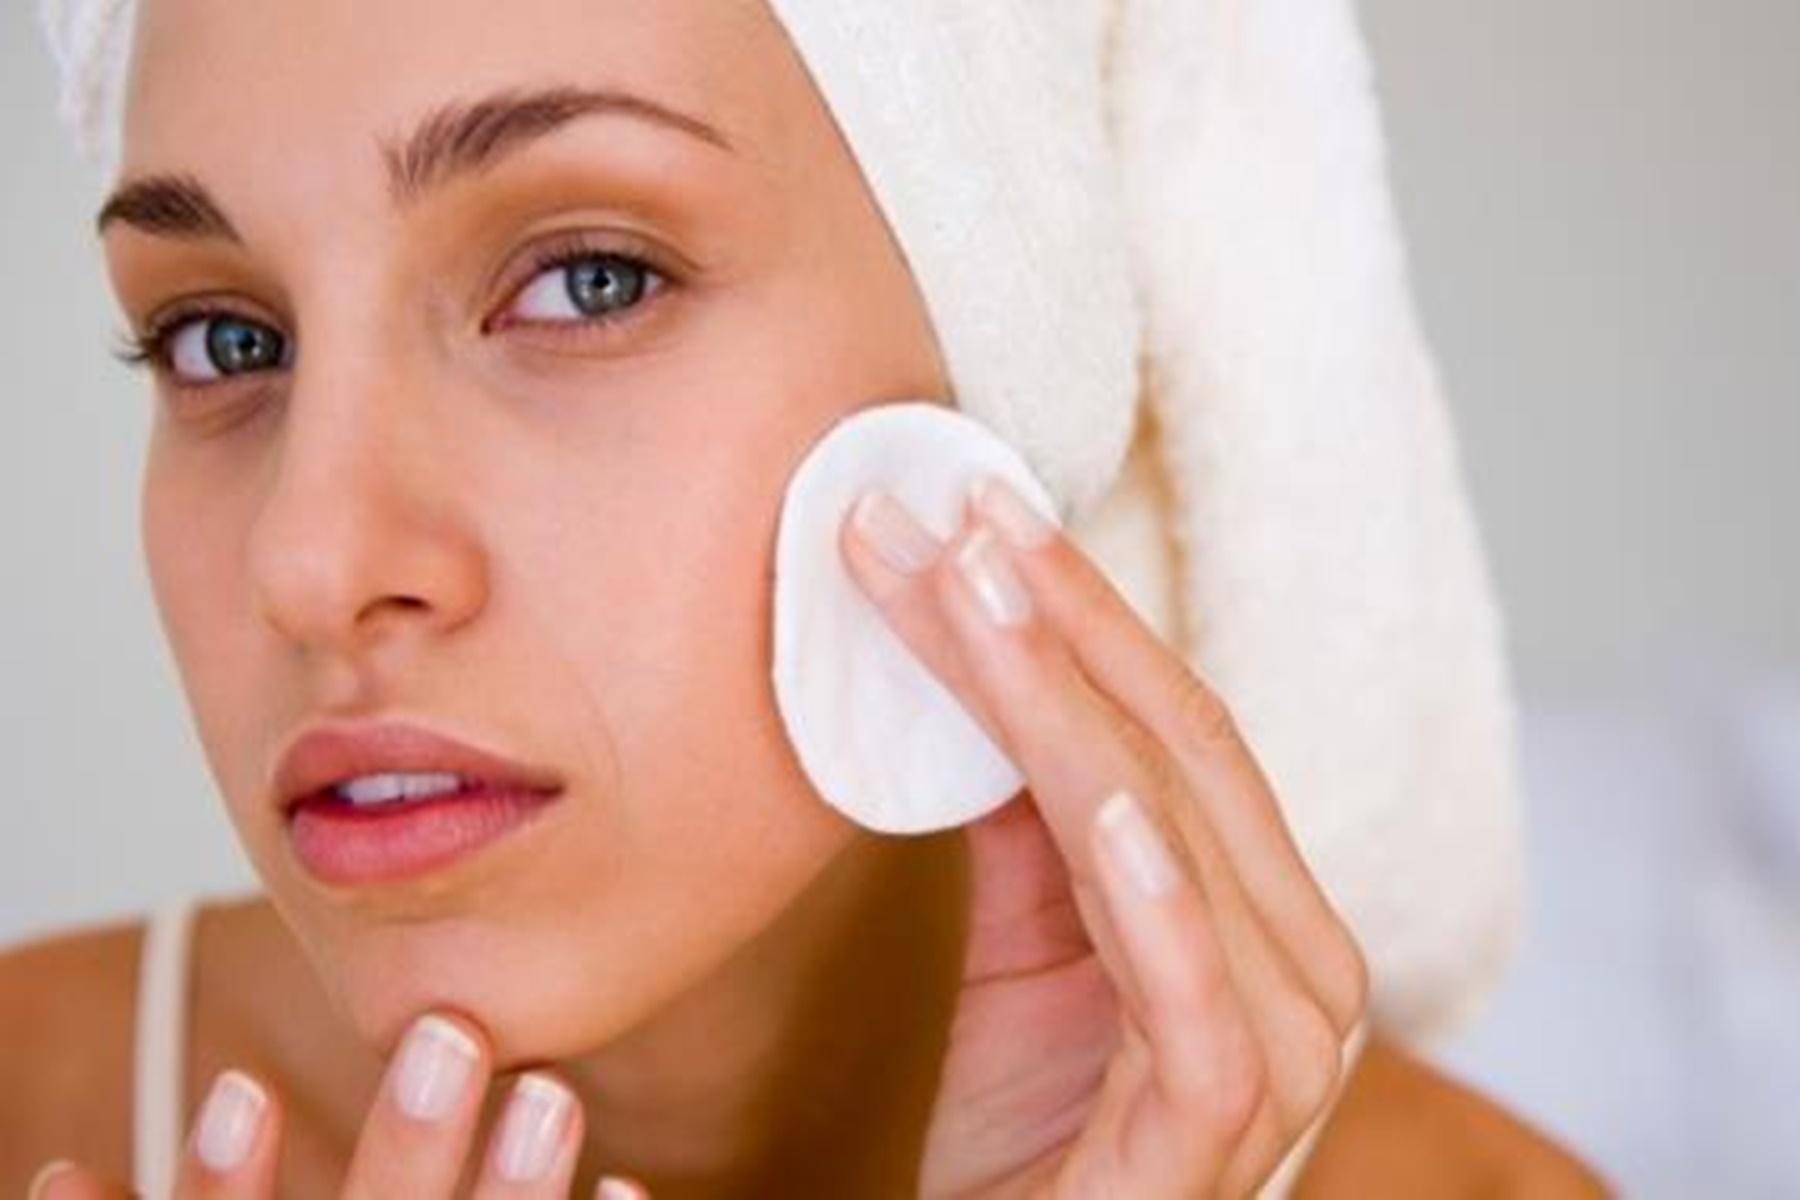 Πρόσωπο υγεία: Γι αυτό δεν πρέπει να το πλένεται στο ντουζ